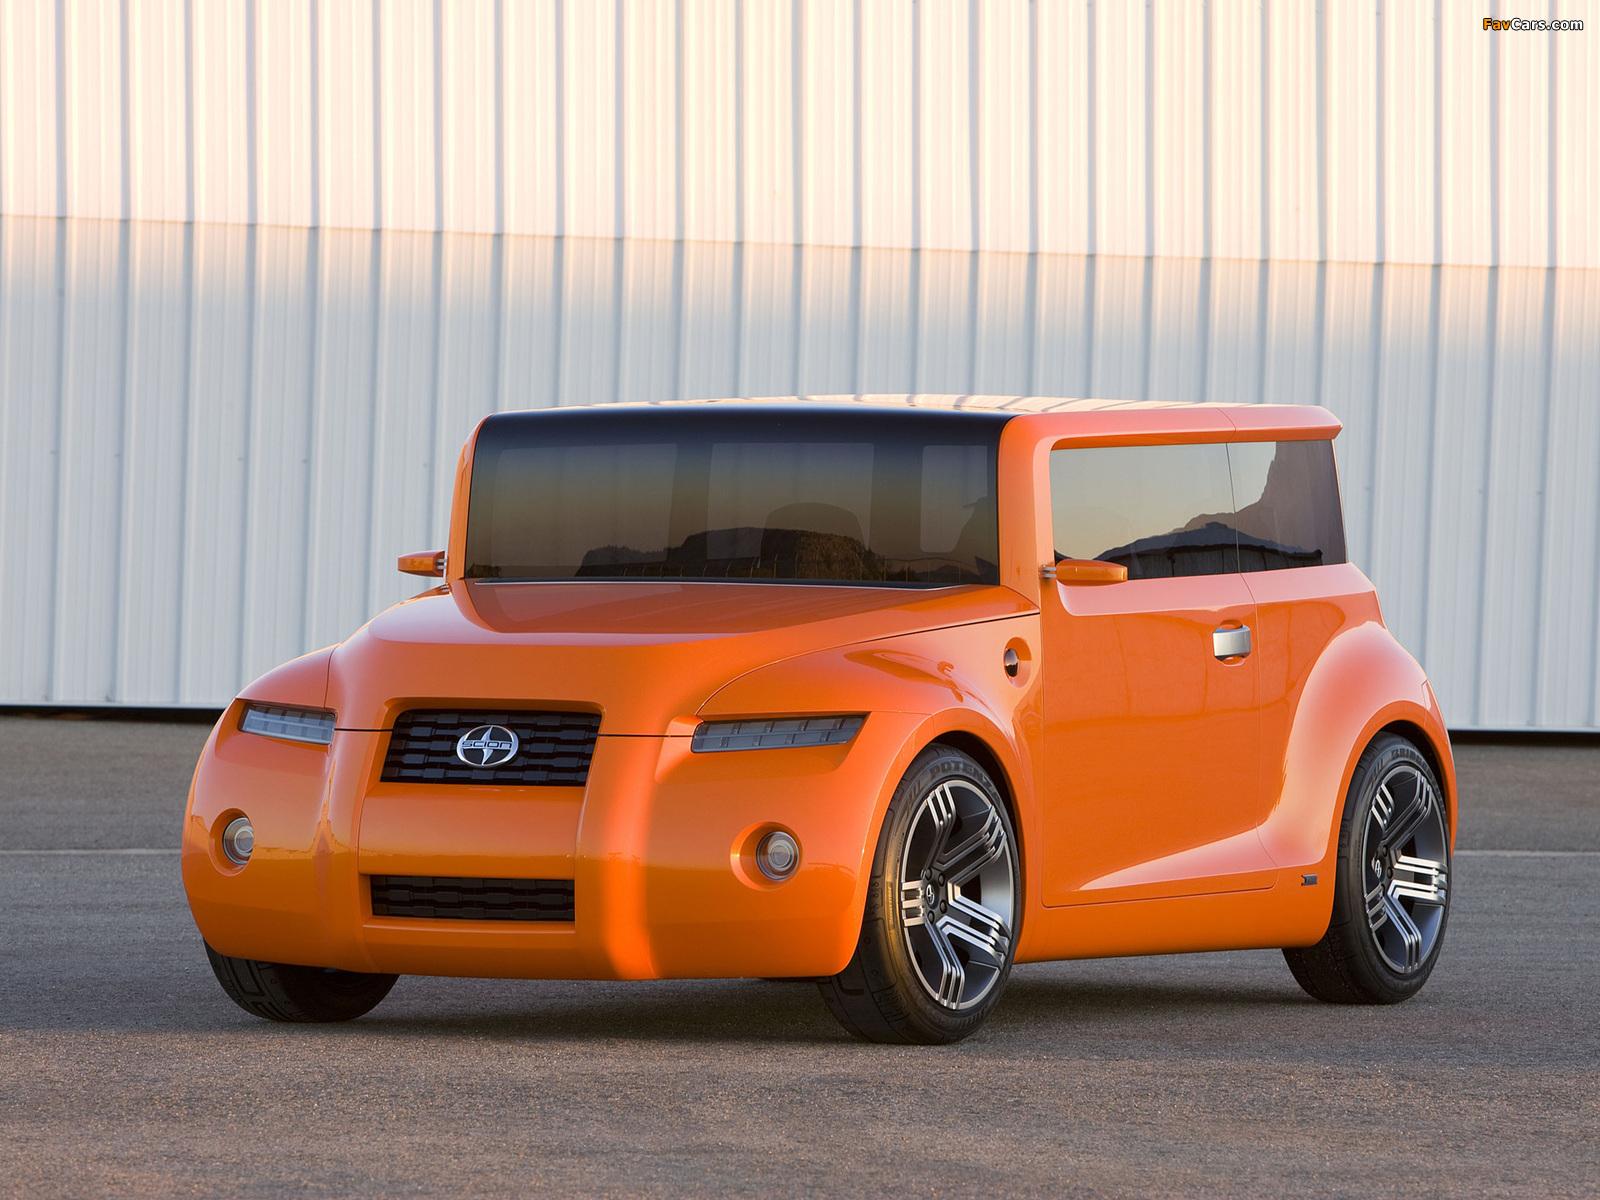 Scion Hako Coupe Concept 2008 photos (1600 x 1200)